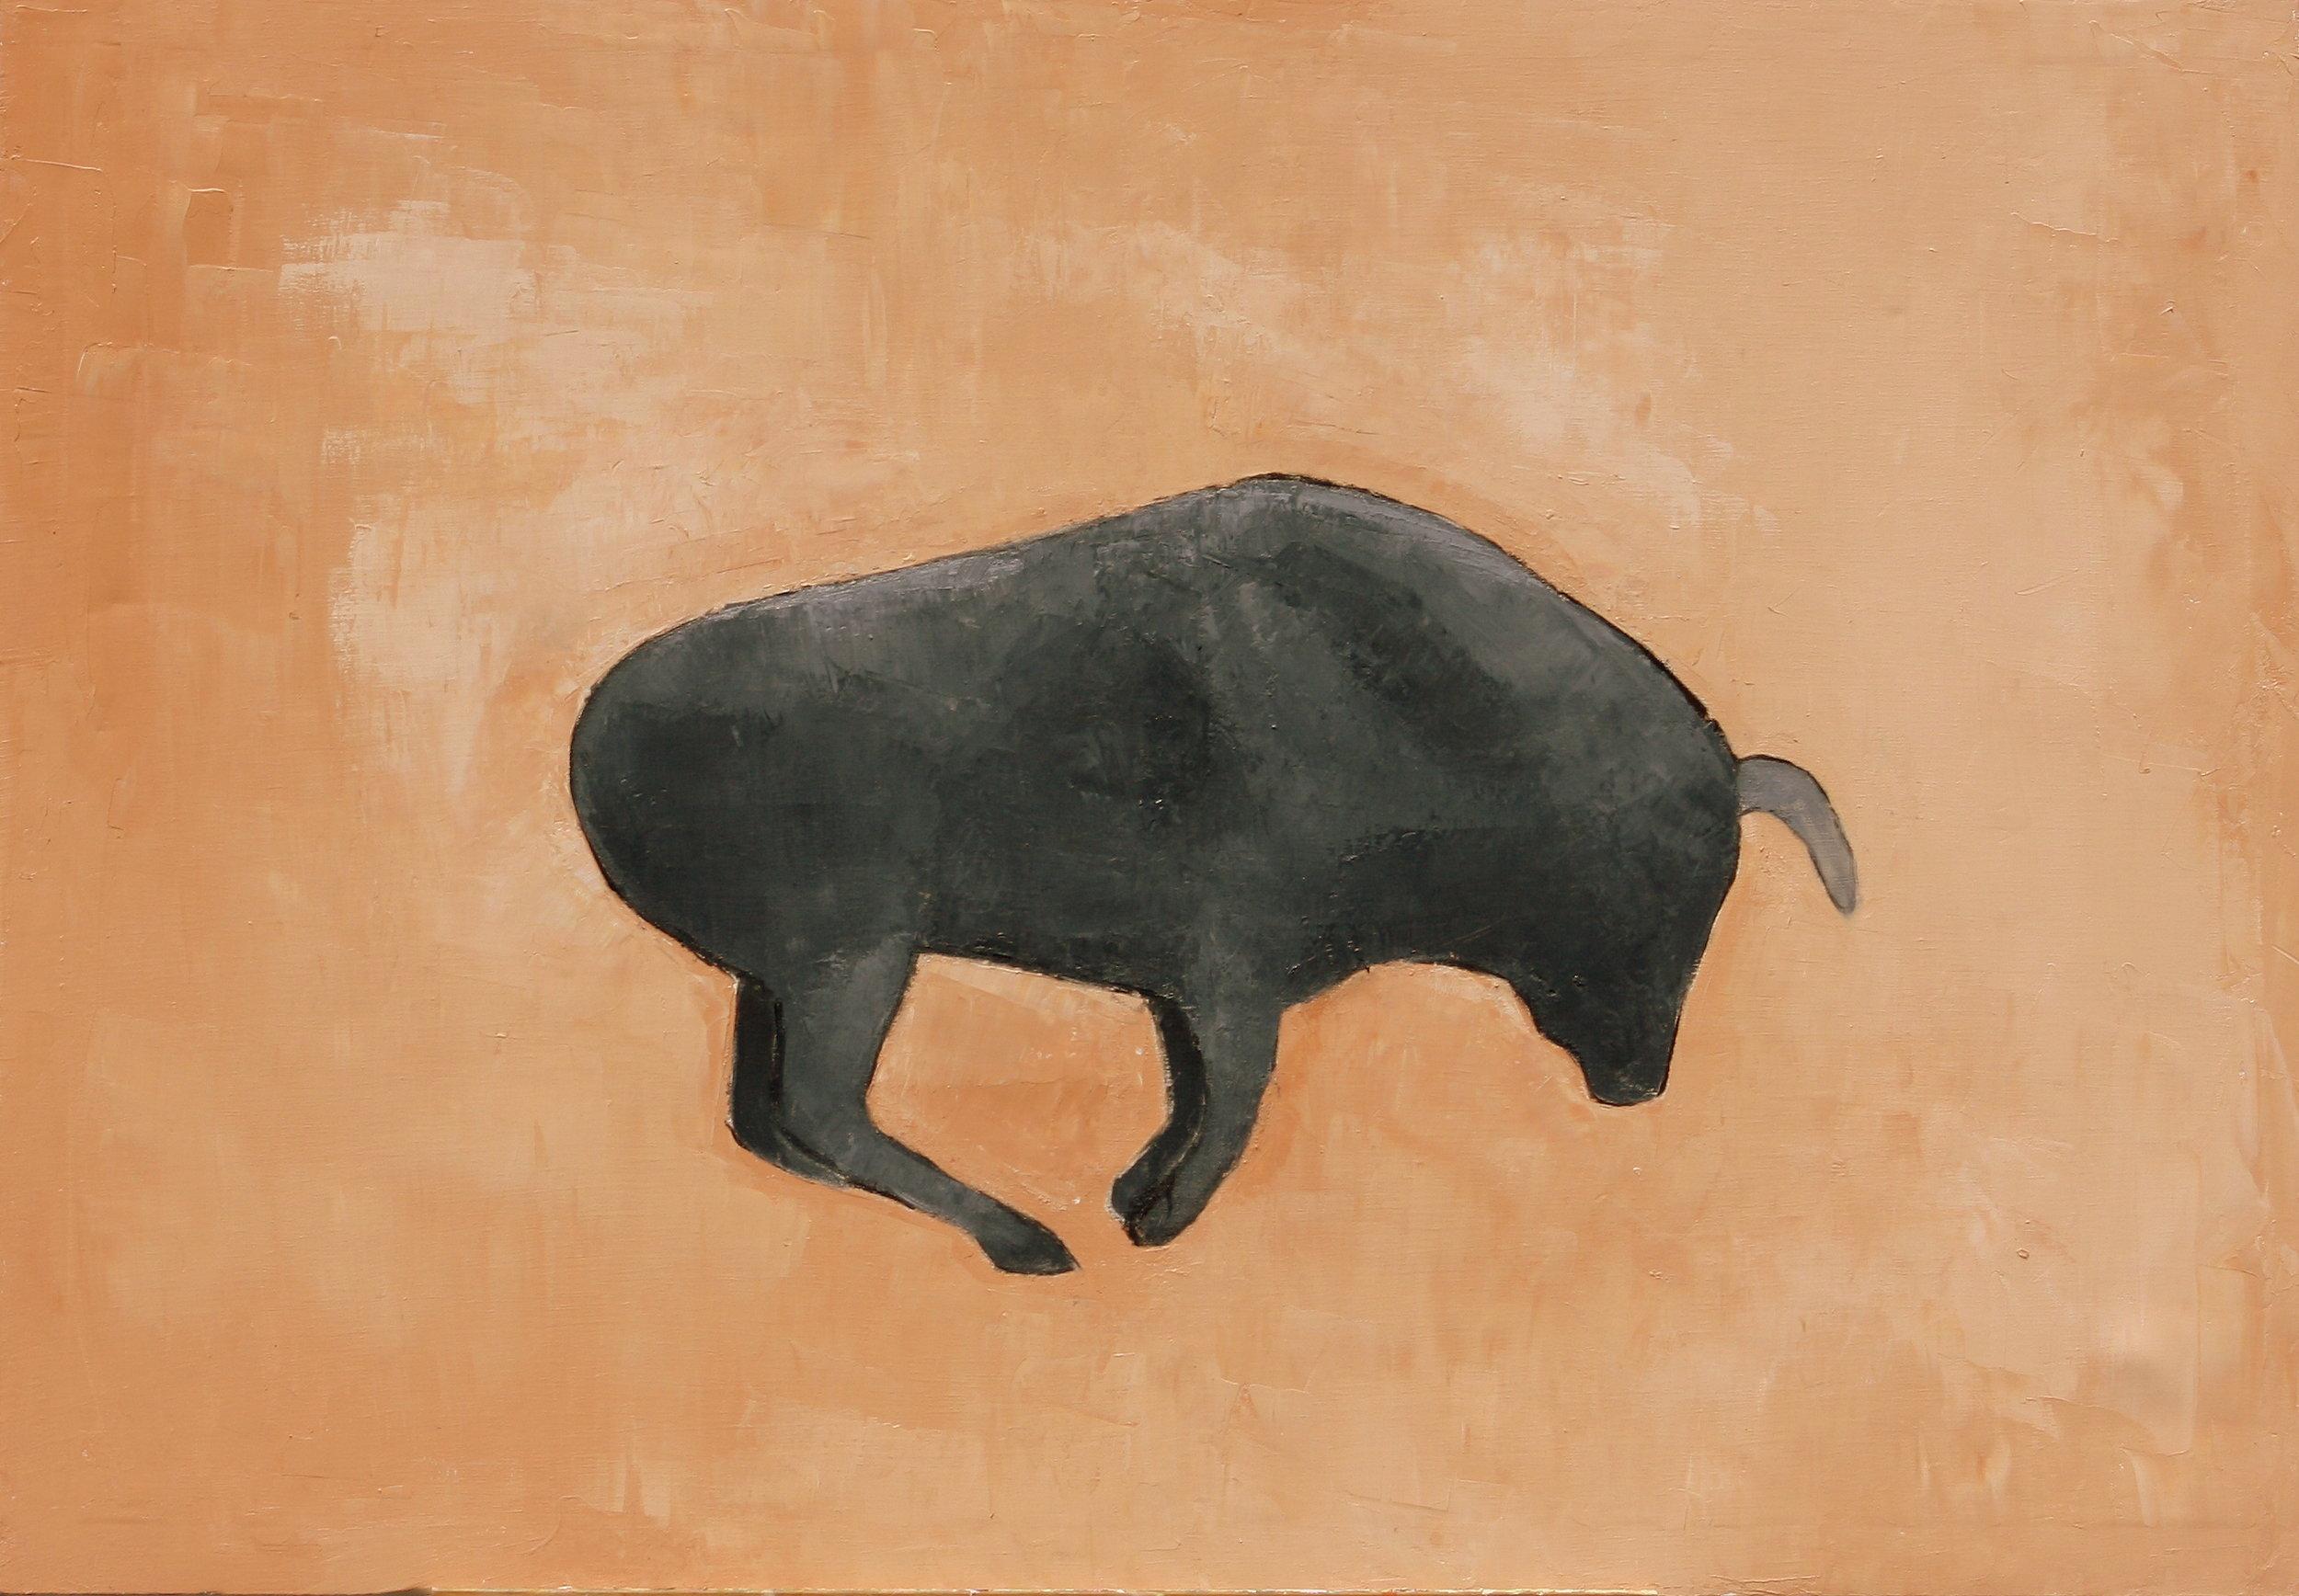 Charging Bull